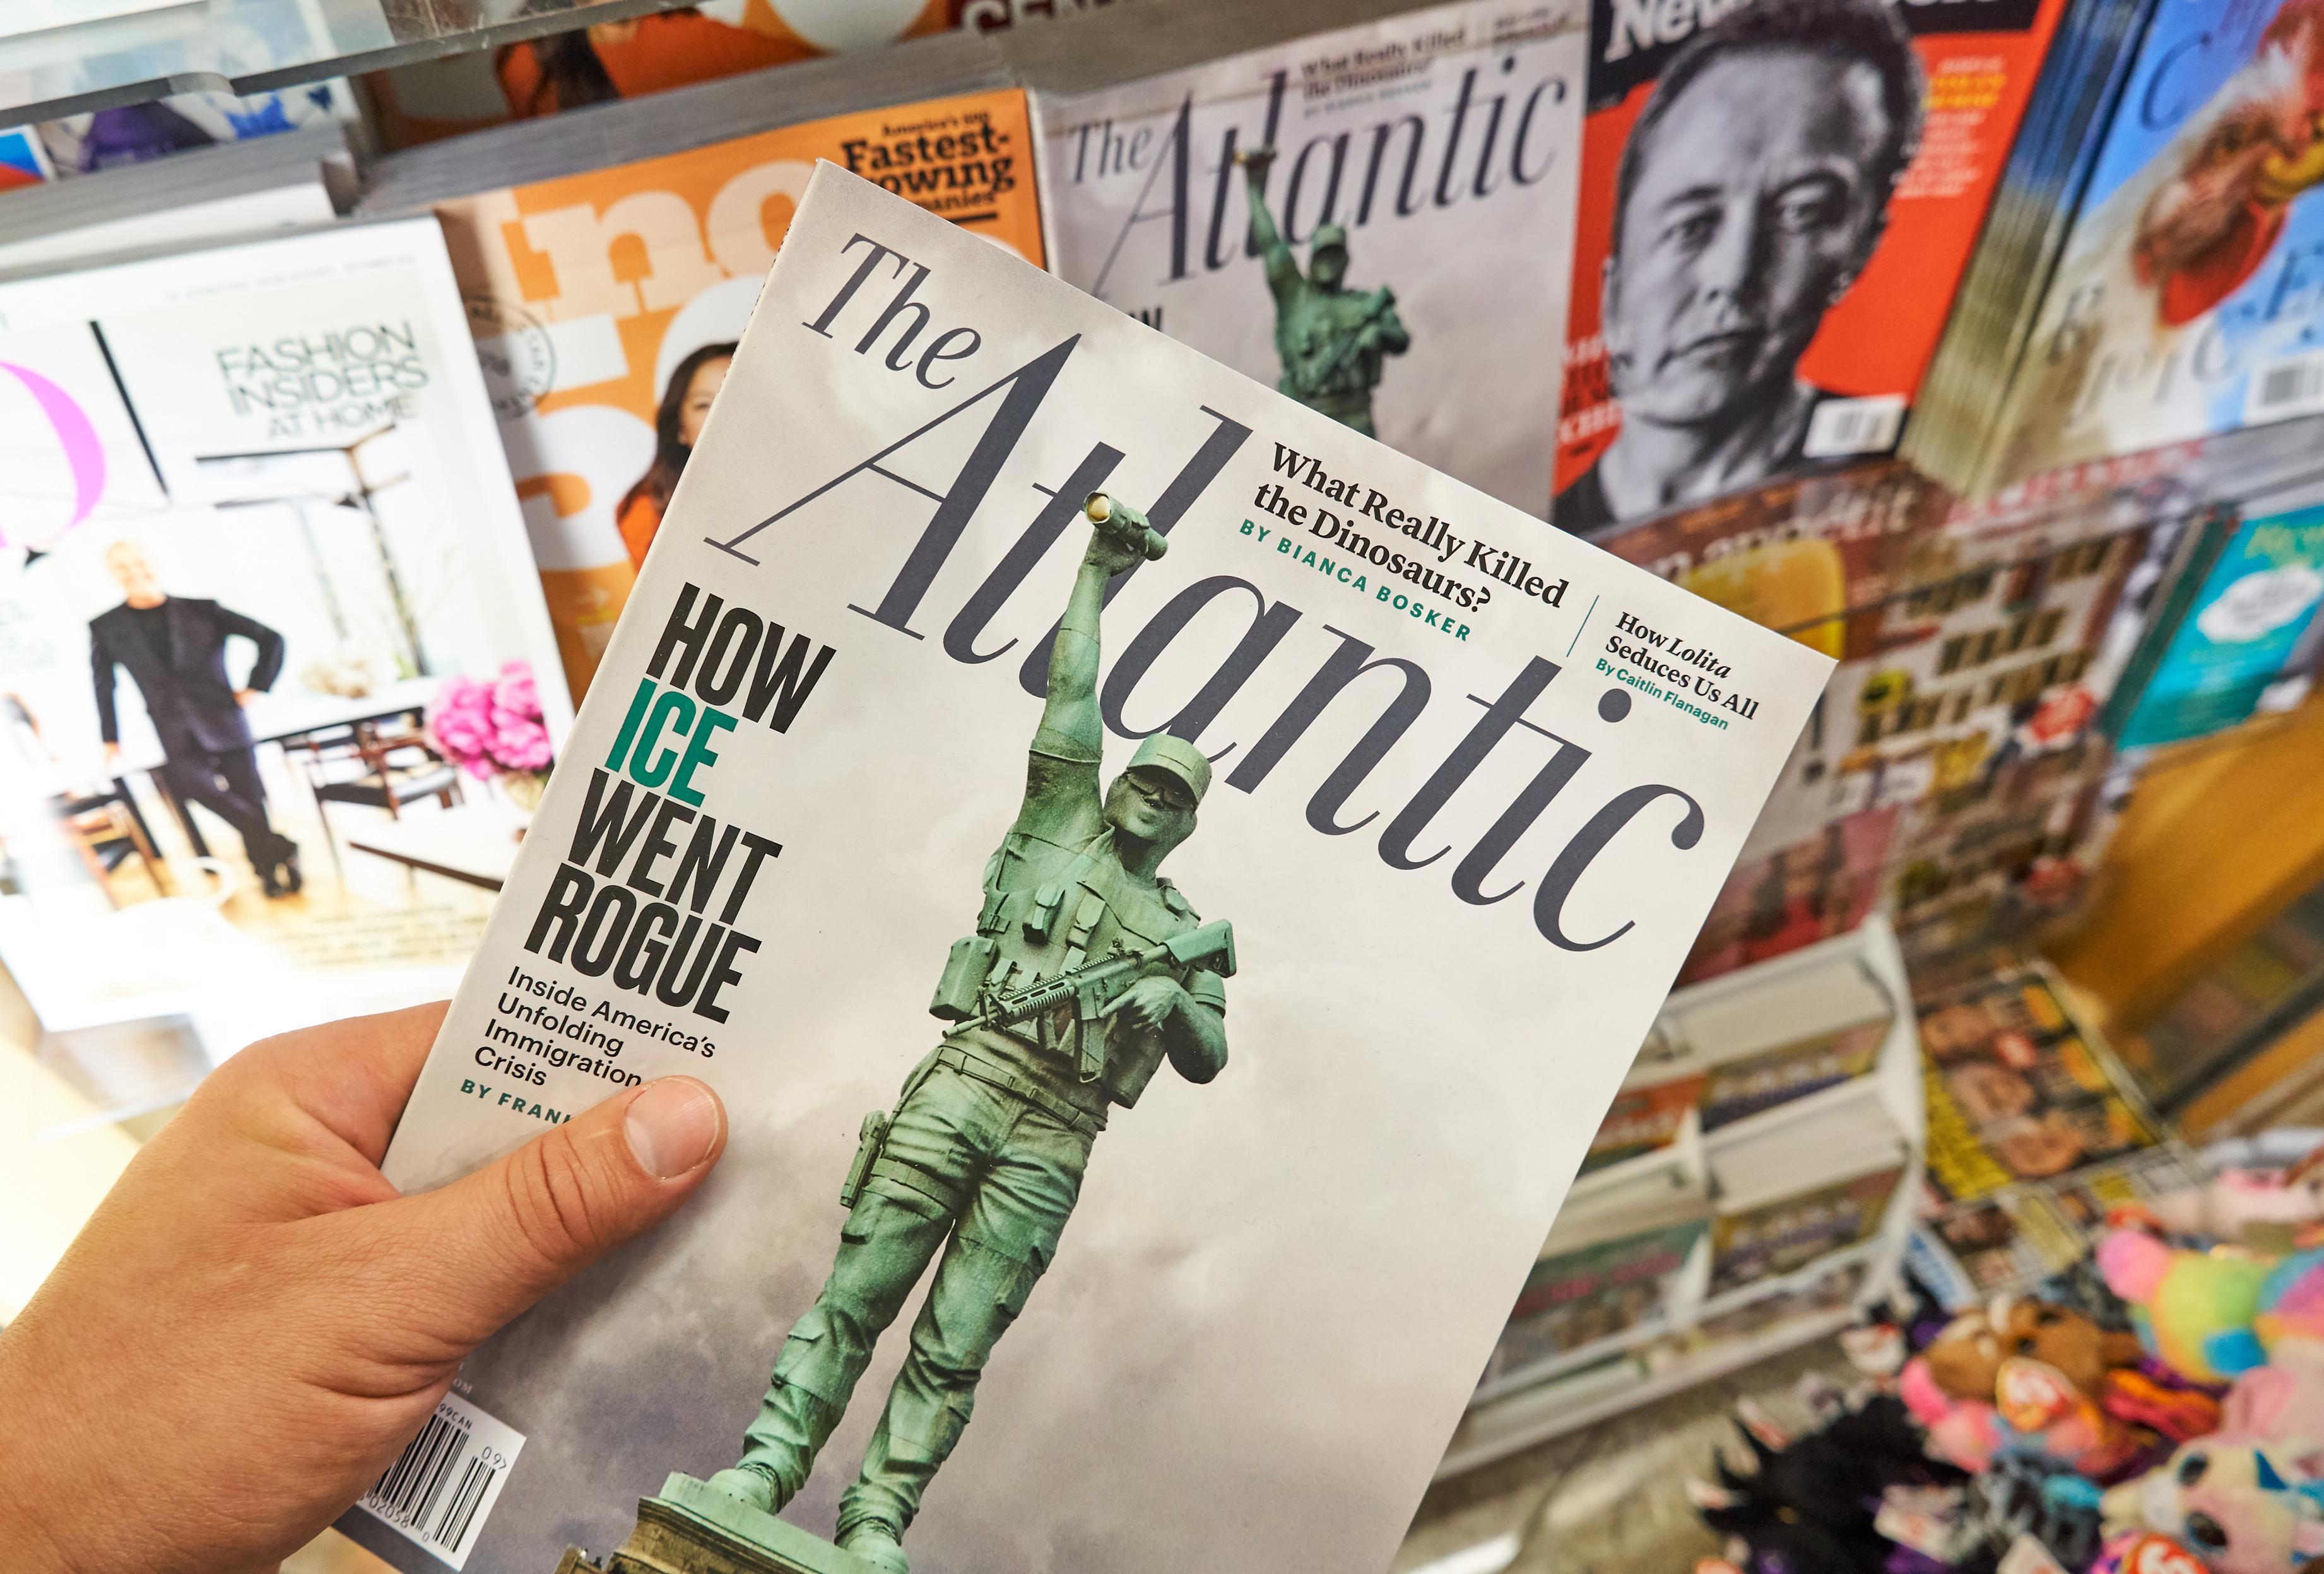 The Atlantic magazine (dennizn/Shutterstock)